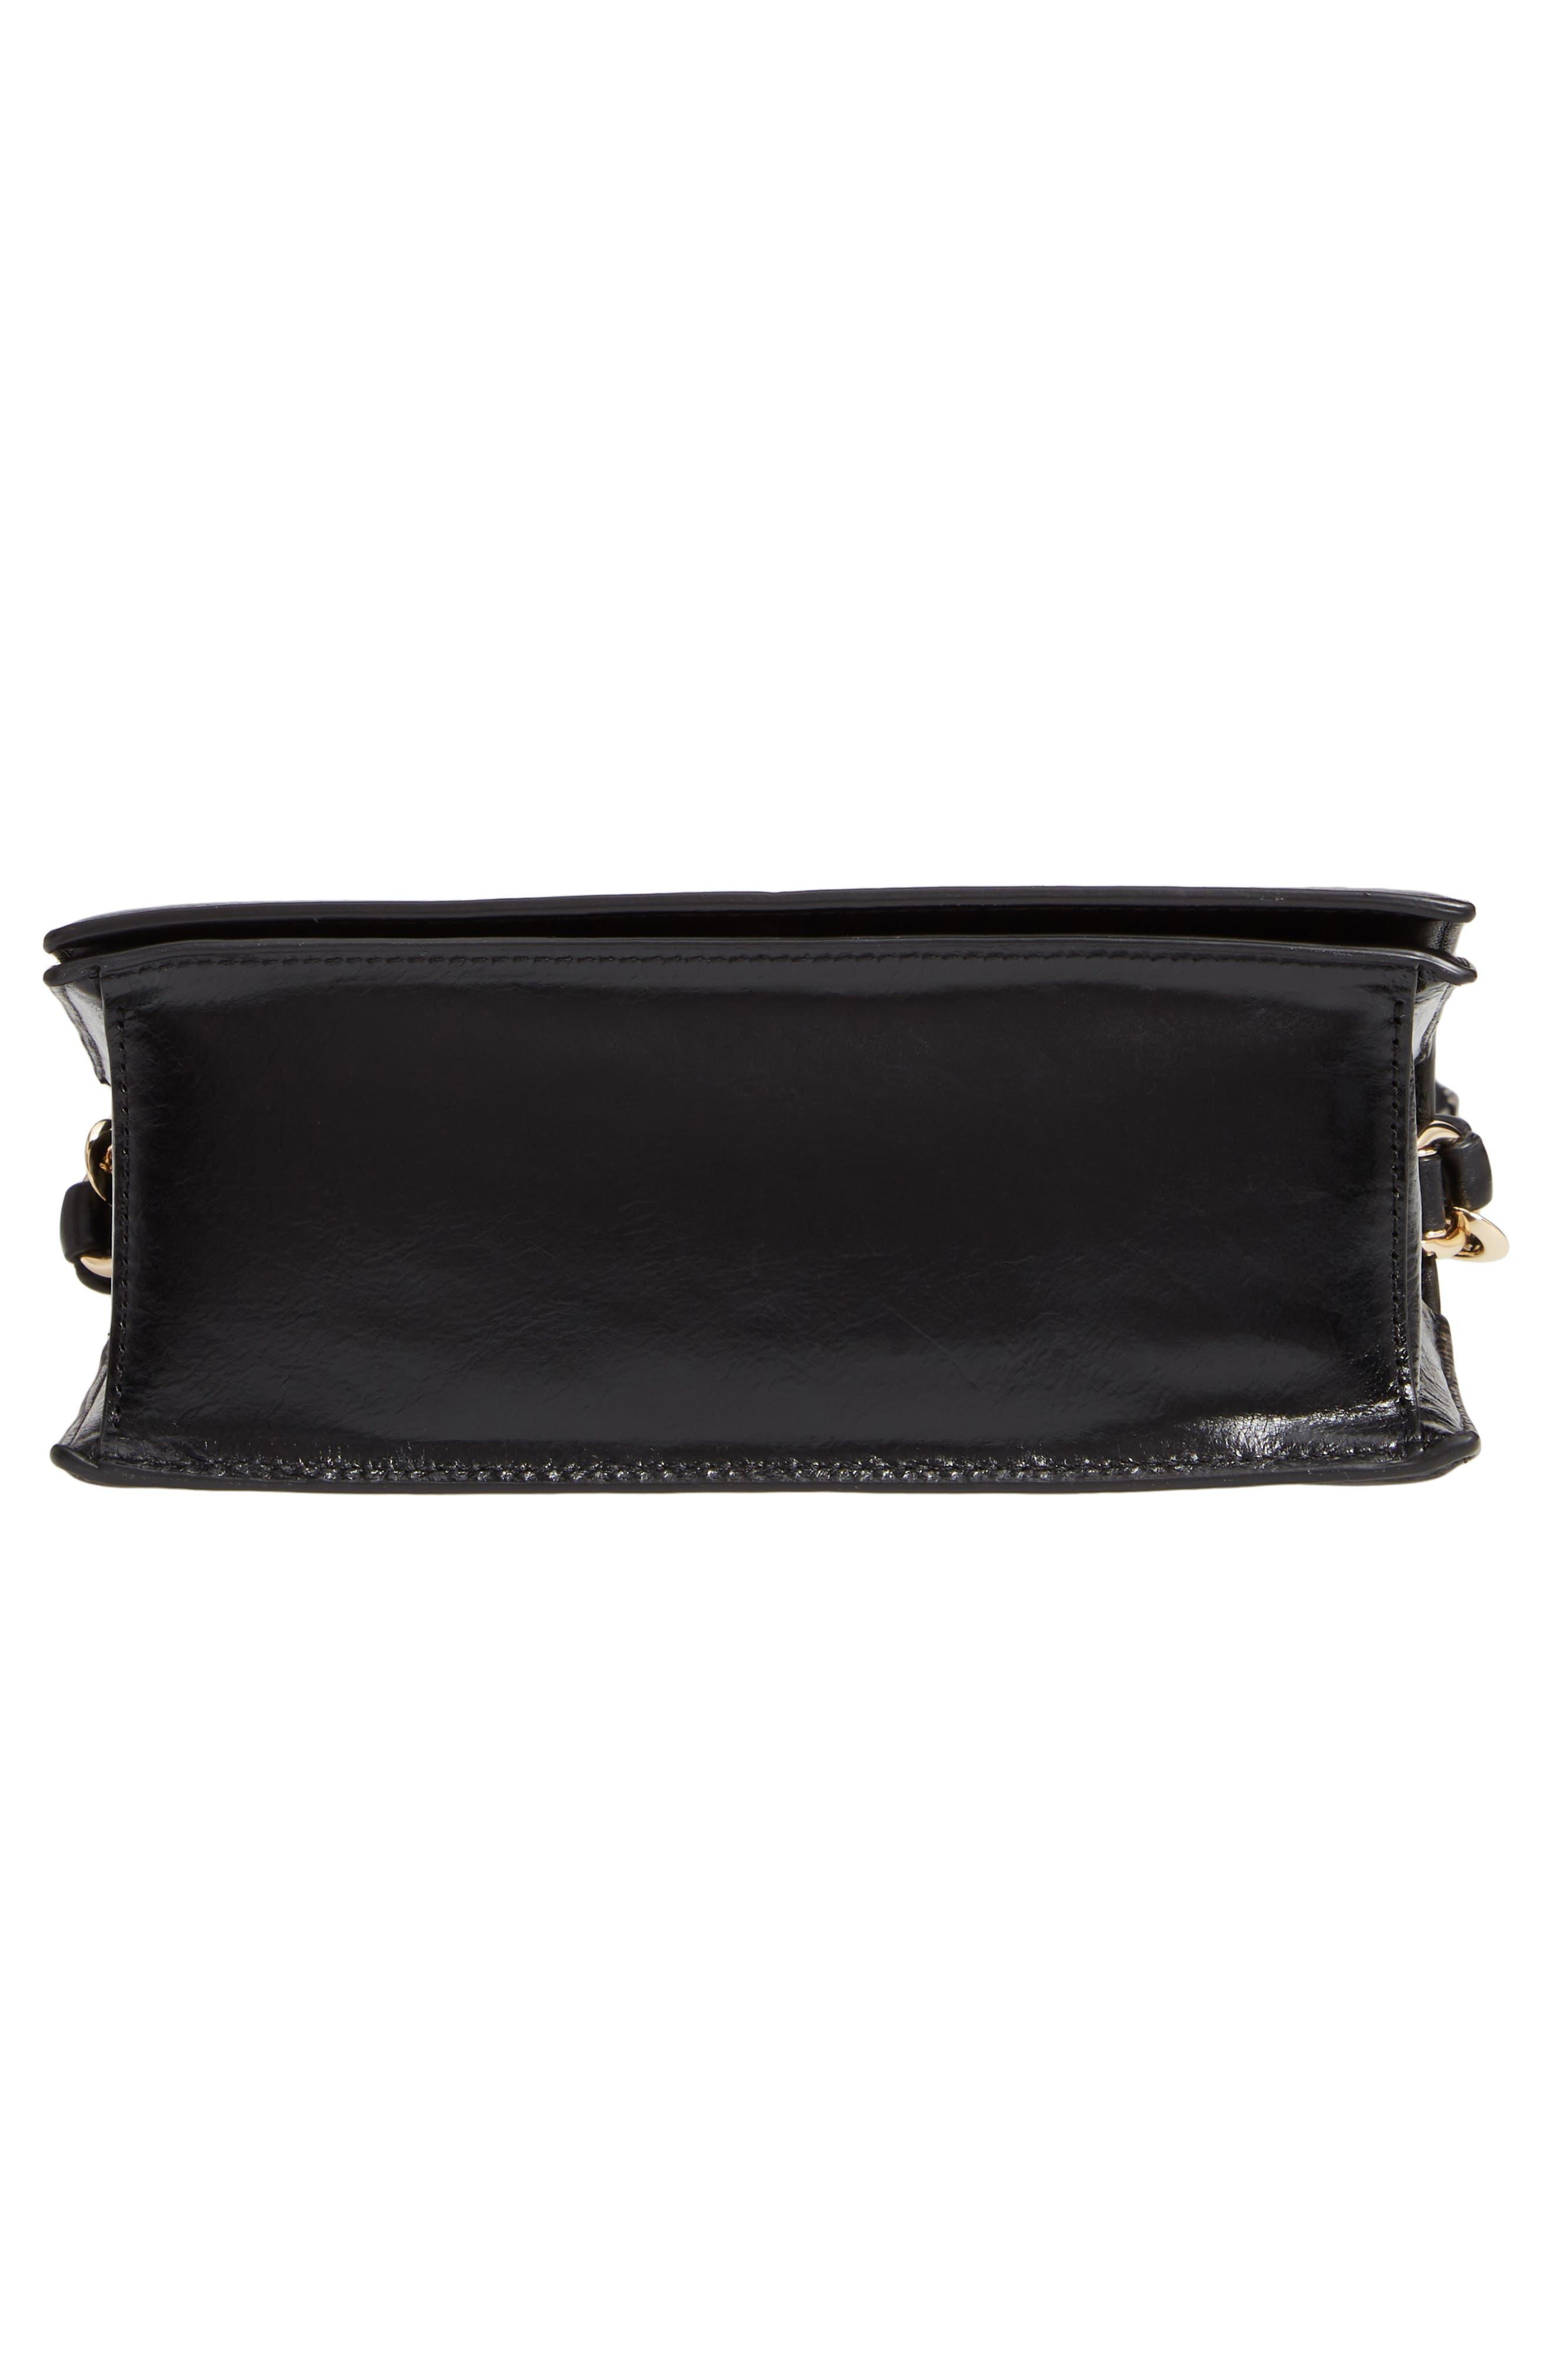 DVF Bonne Soirée Leather Top Handle Bag,                             Alternate thumbnail 6, color,                             001